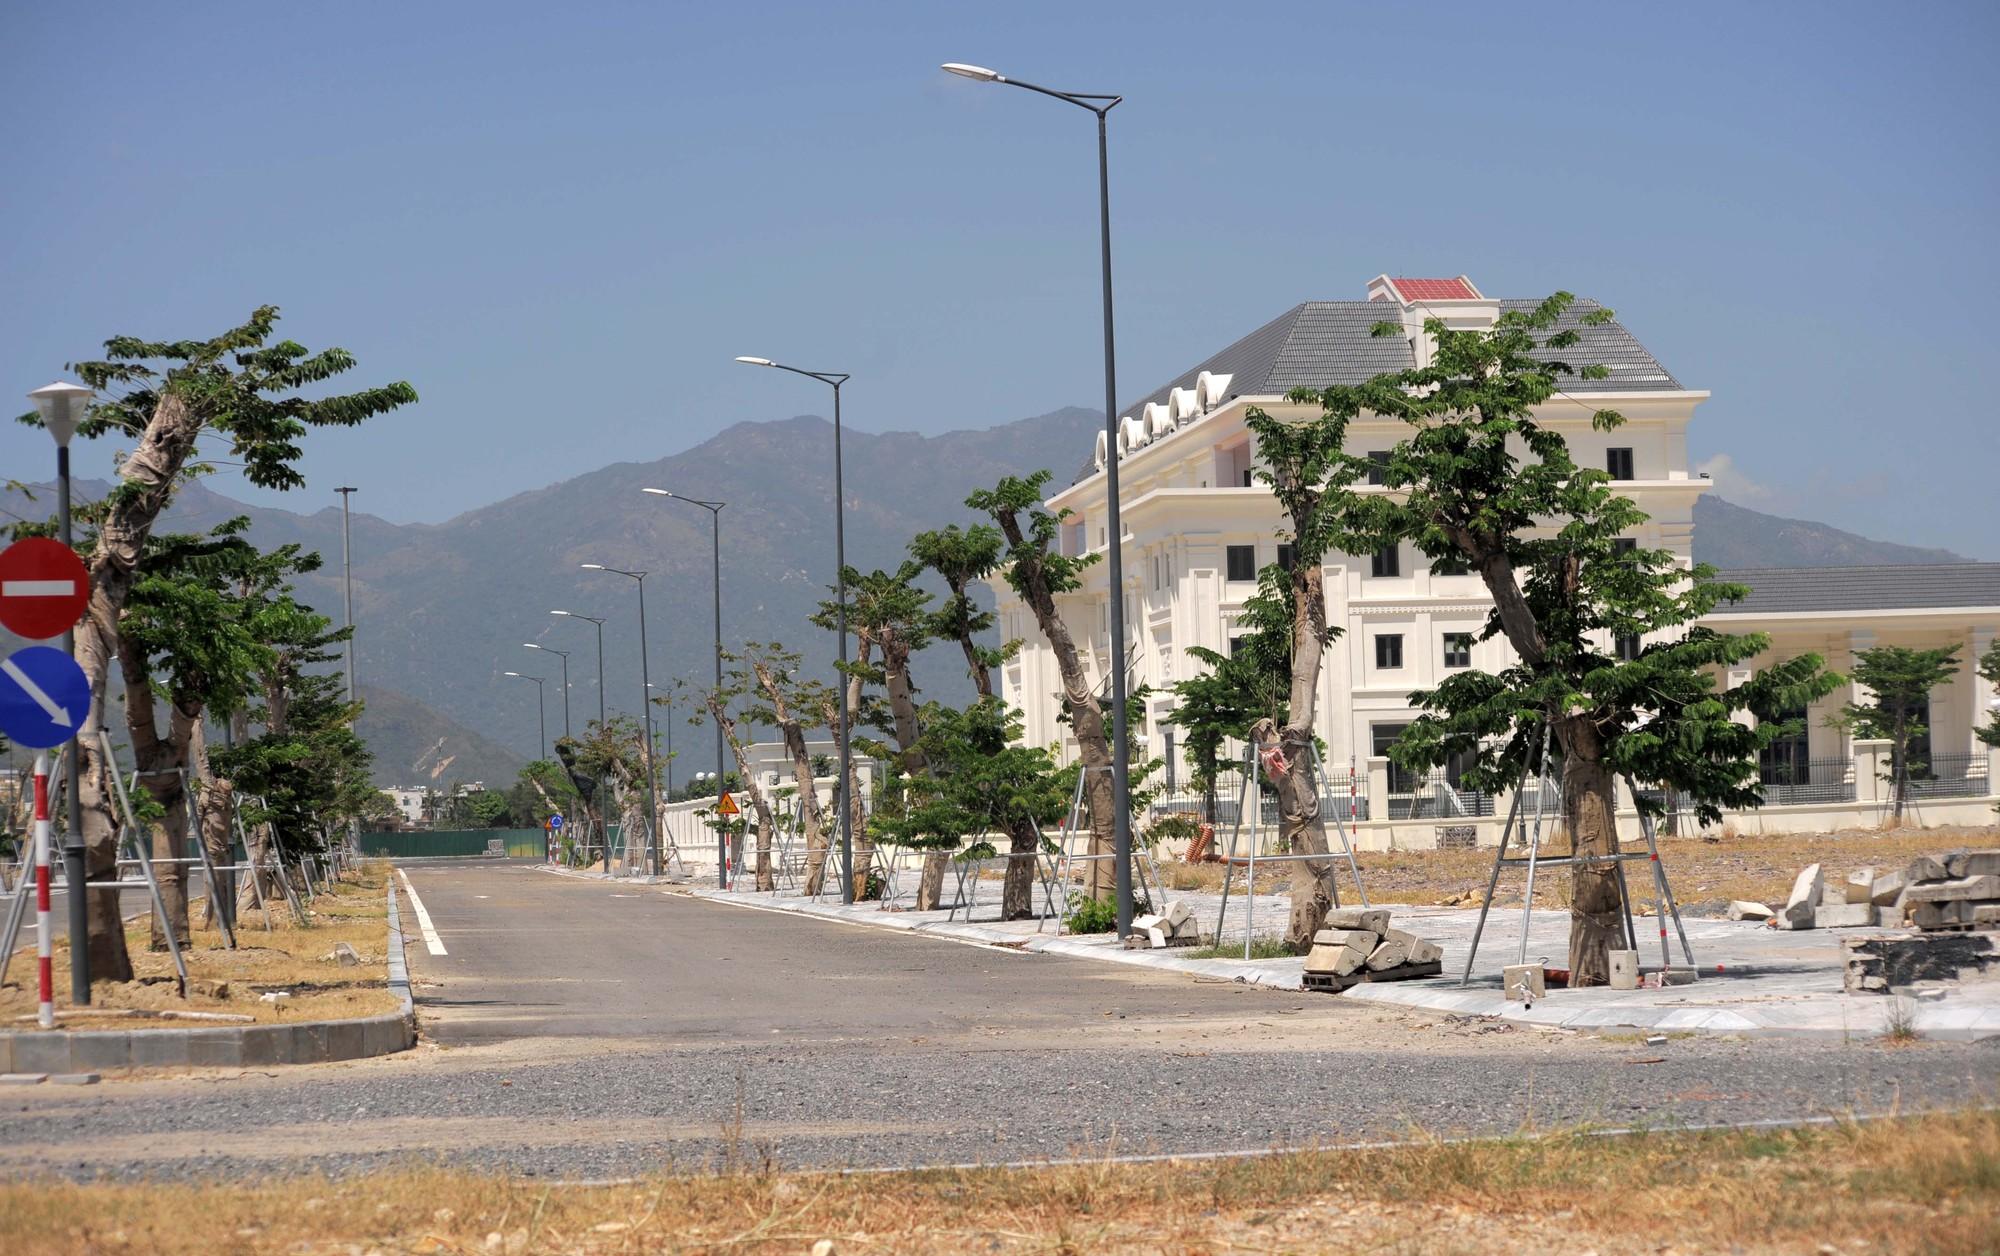 Cận cảnh dự án BT của Tập đoàn Phúc Sơn tại sân bay Nha Trang cũ  - Ảnh 1.